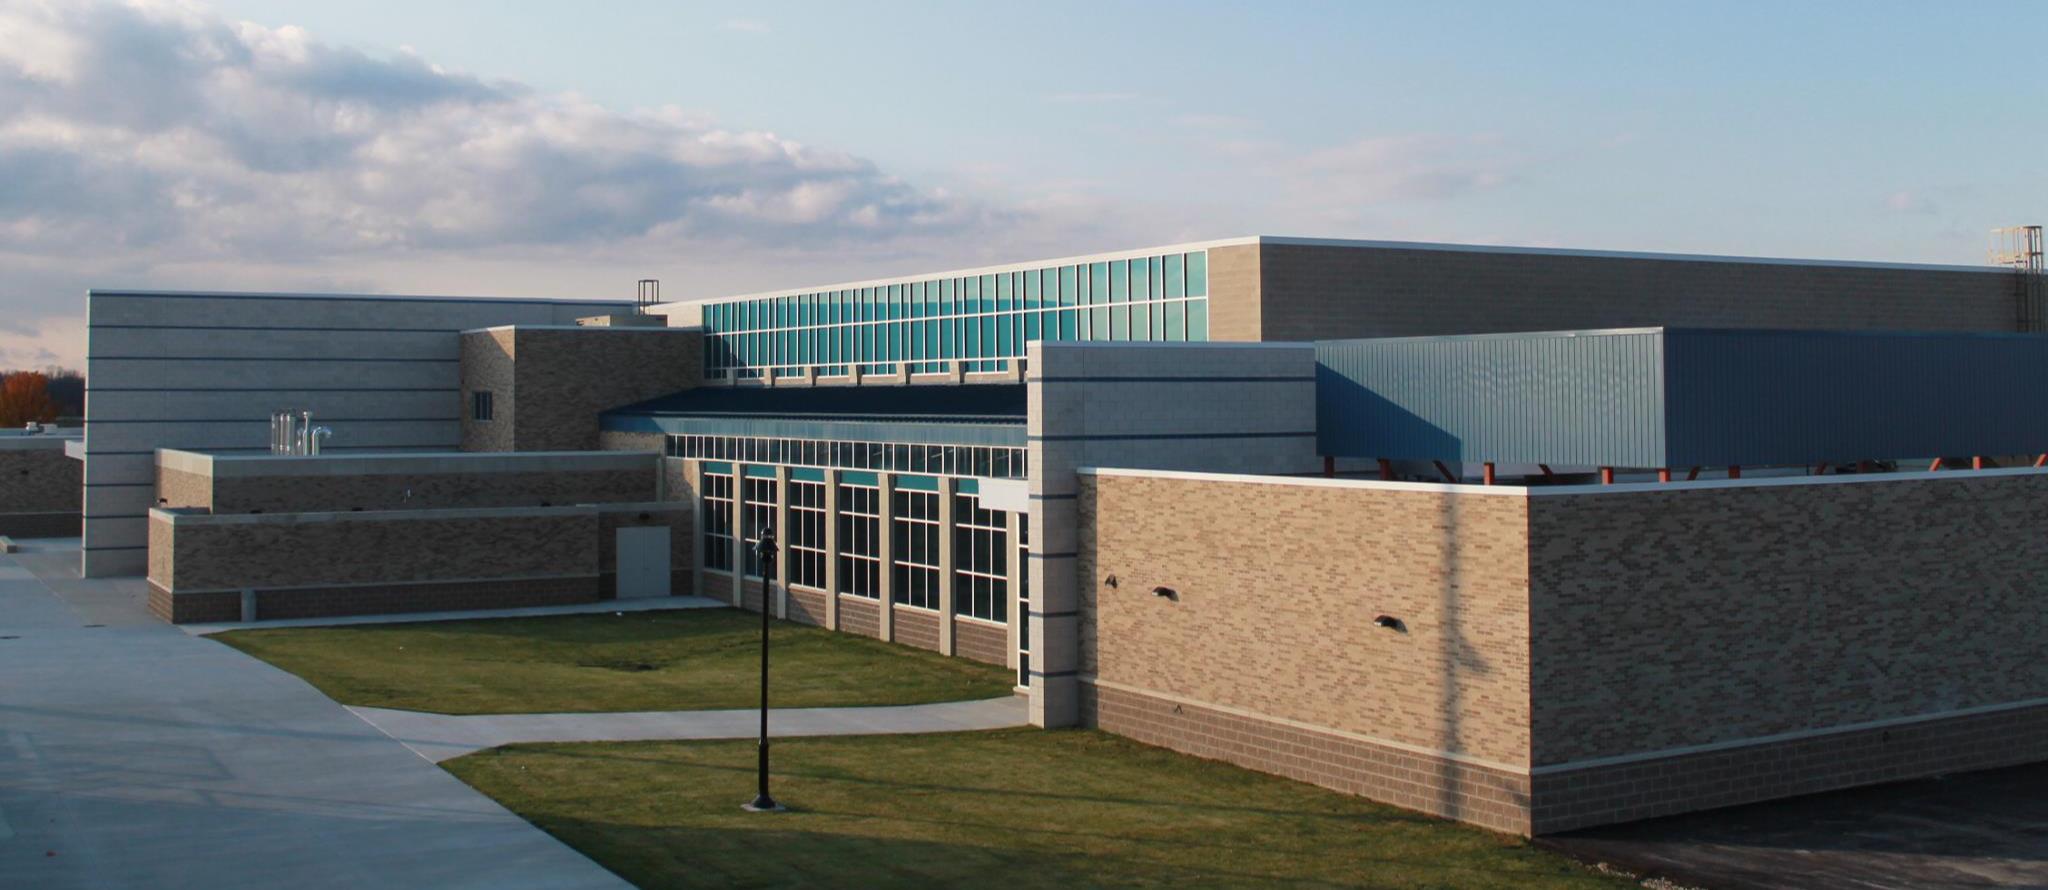 Cros-Lex High School